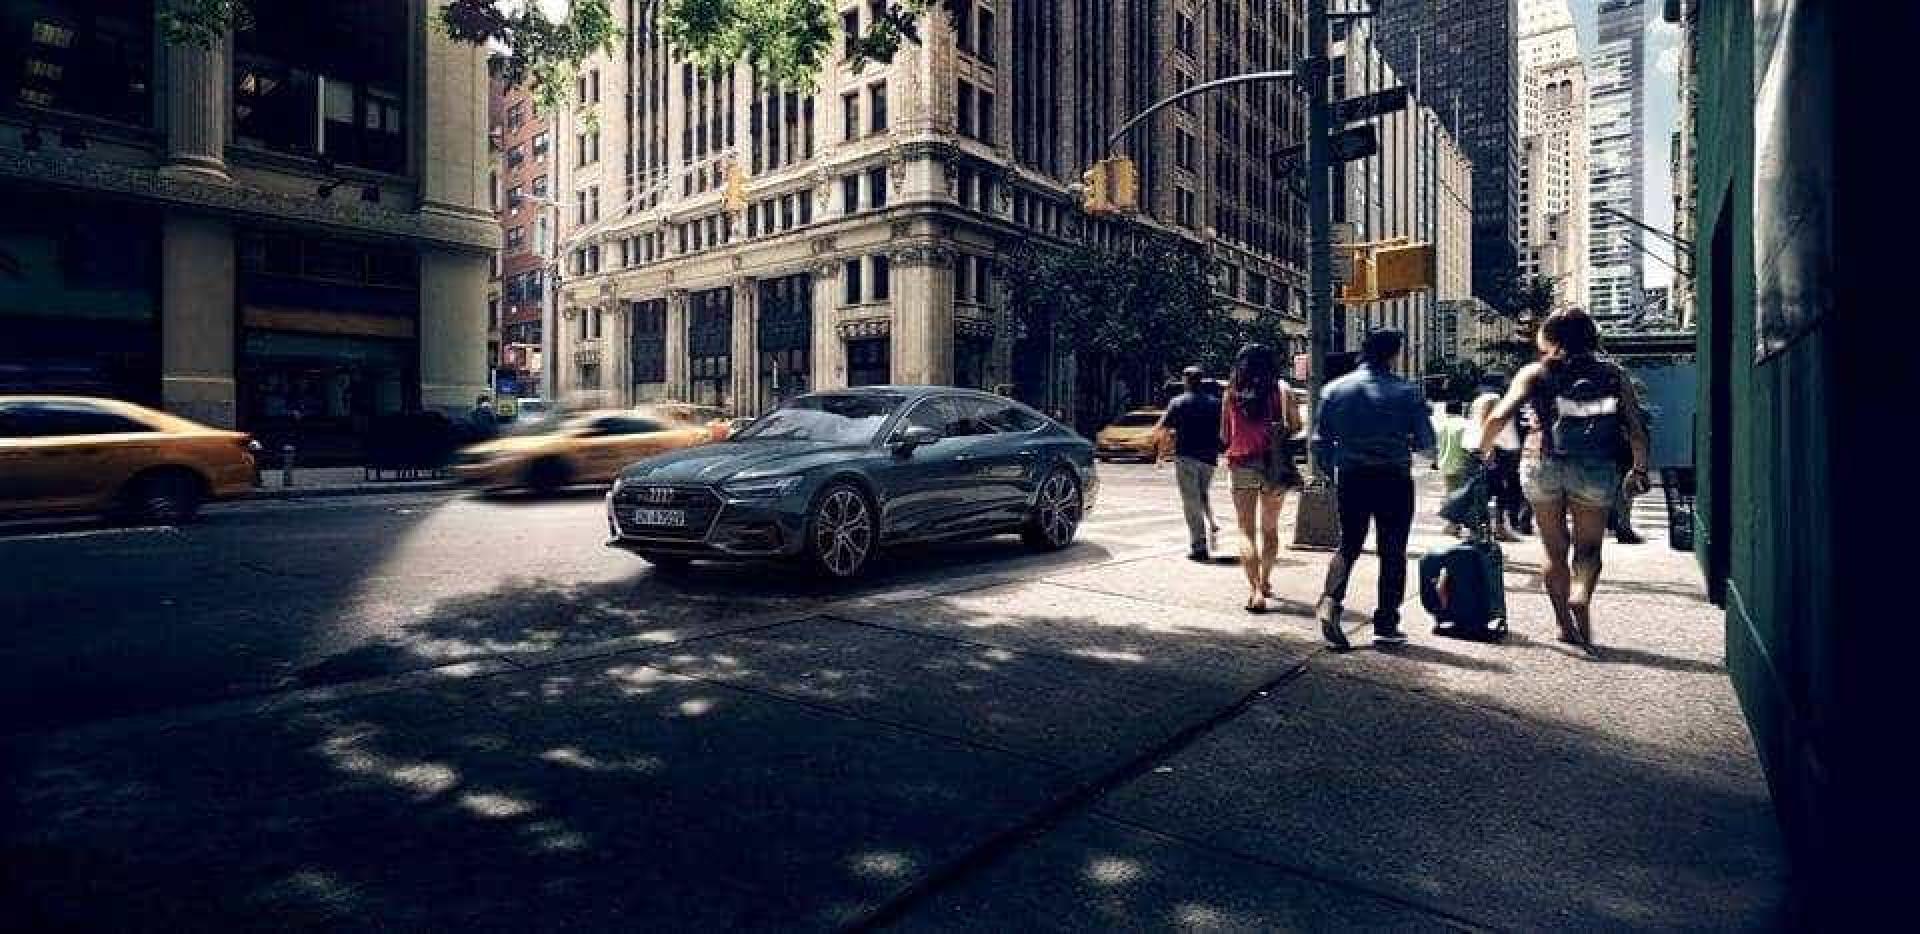 Ansioso pelo Audi A7? Aqui estão as primeiras imagens oficiais